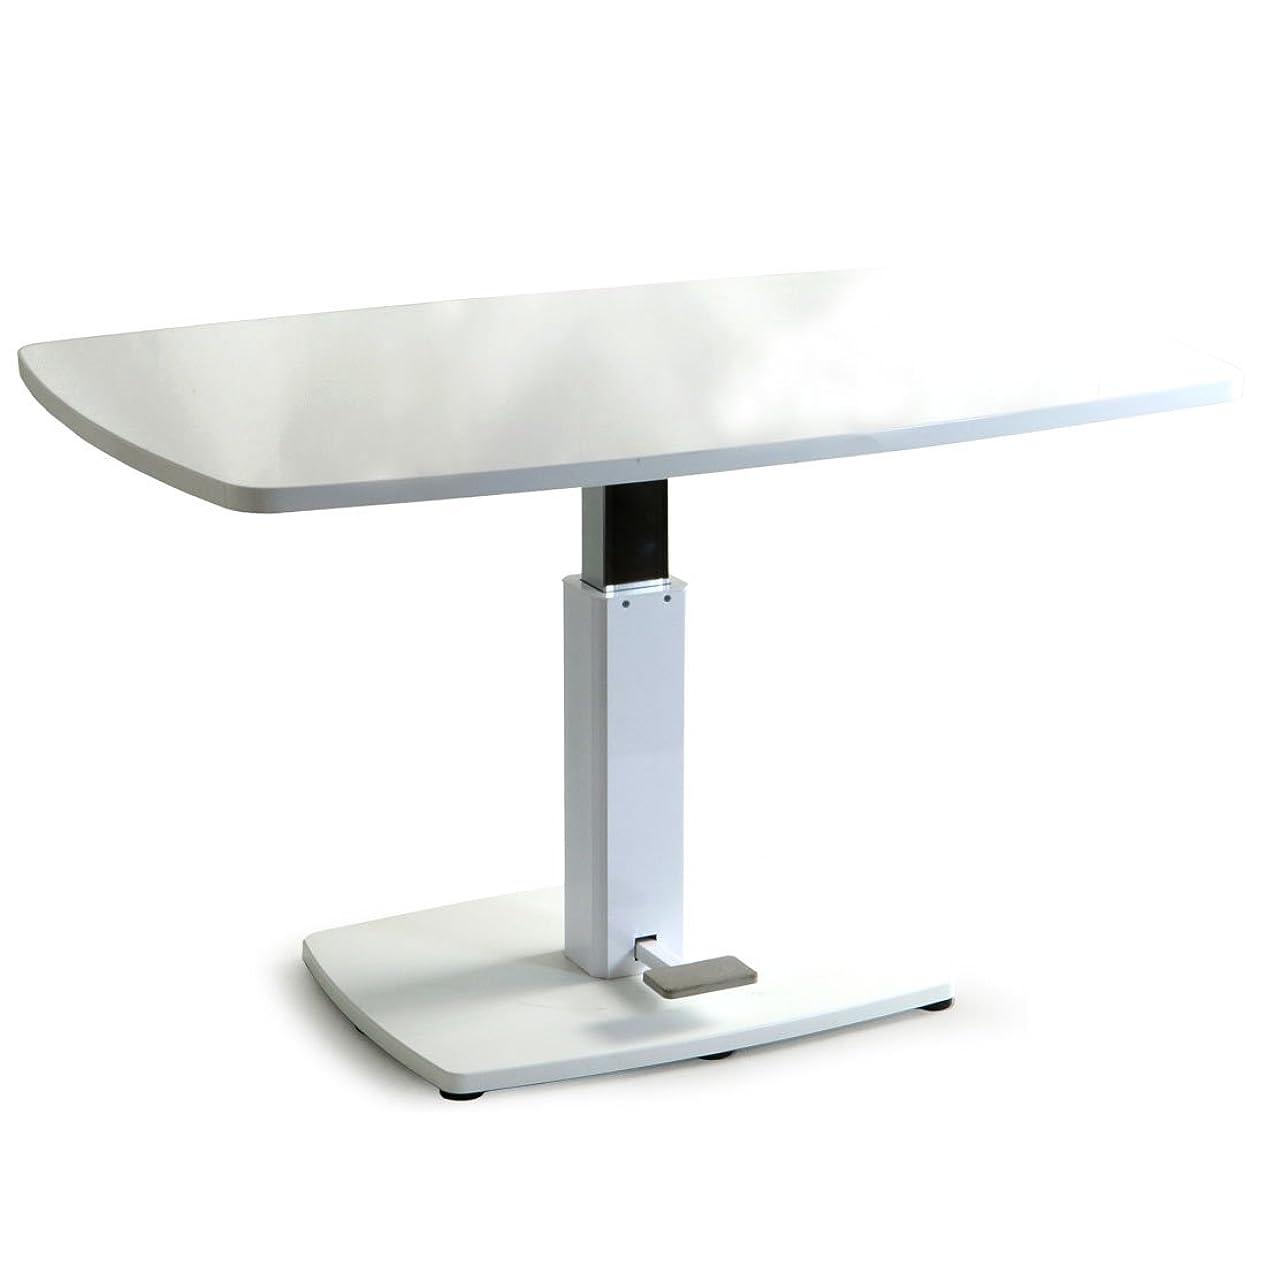 相続人アセ欲求不満タンスのゲン 昇降式 センターテーブル 幅120cm ダイニング 木製 鏡面仕上げ ホワイト 41900001 WH